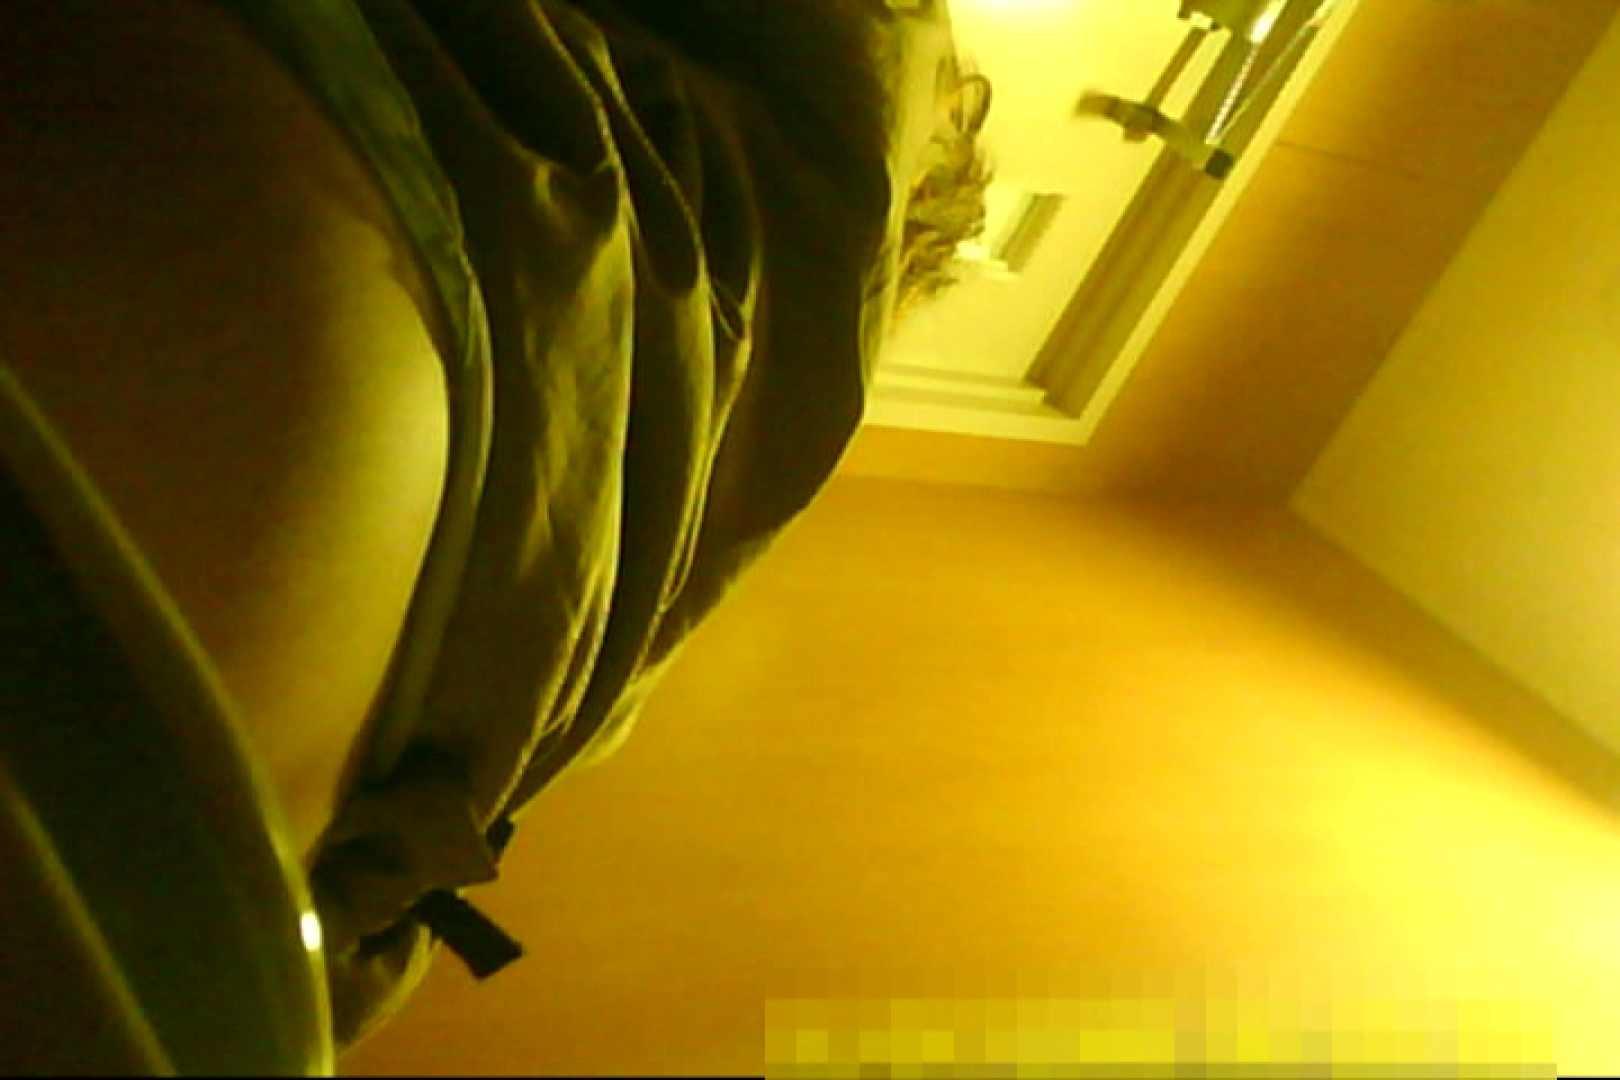 魅惑の化粧室~禁断のプライベート空間~19 すけべなお姉さん AV動画キャプチャ 84画像 77